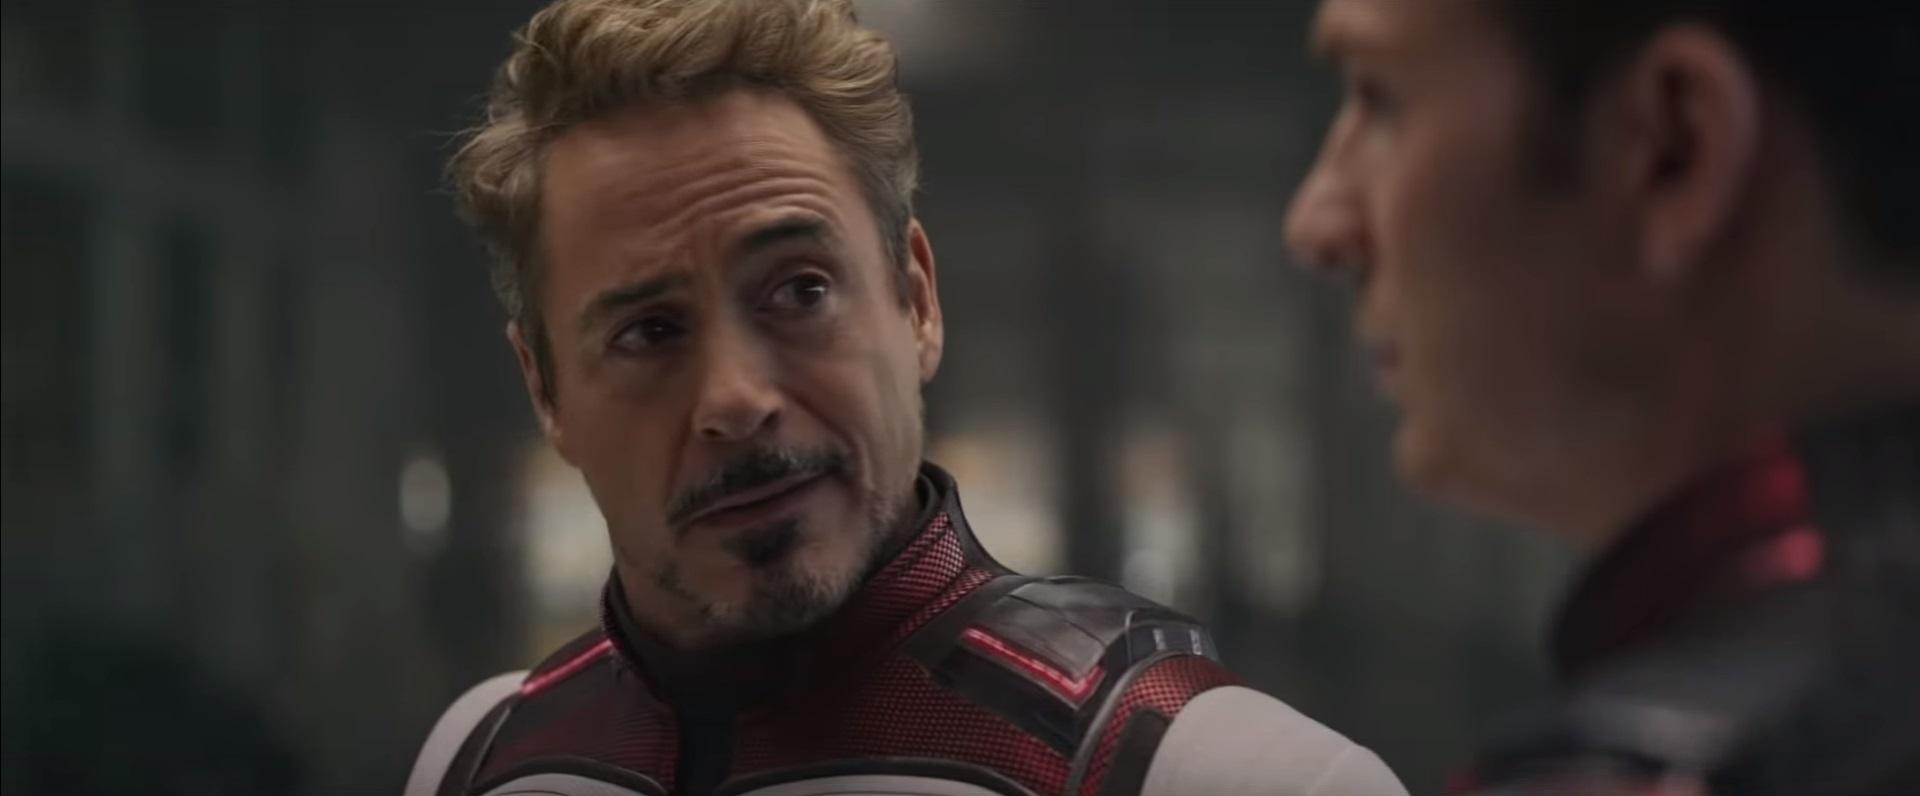 《复联4》钢铁侠与女儿最后一次见面被删,导演这样说